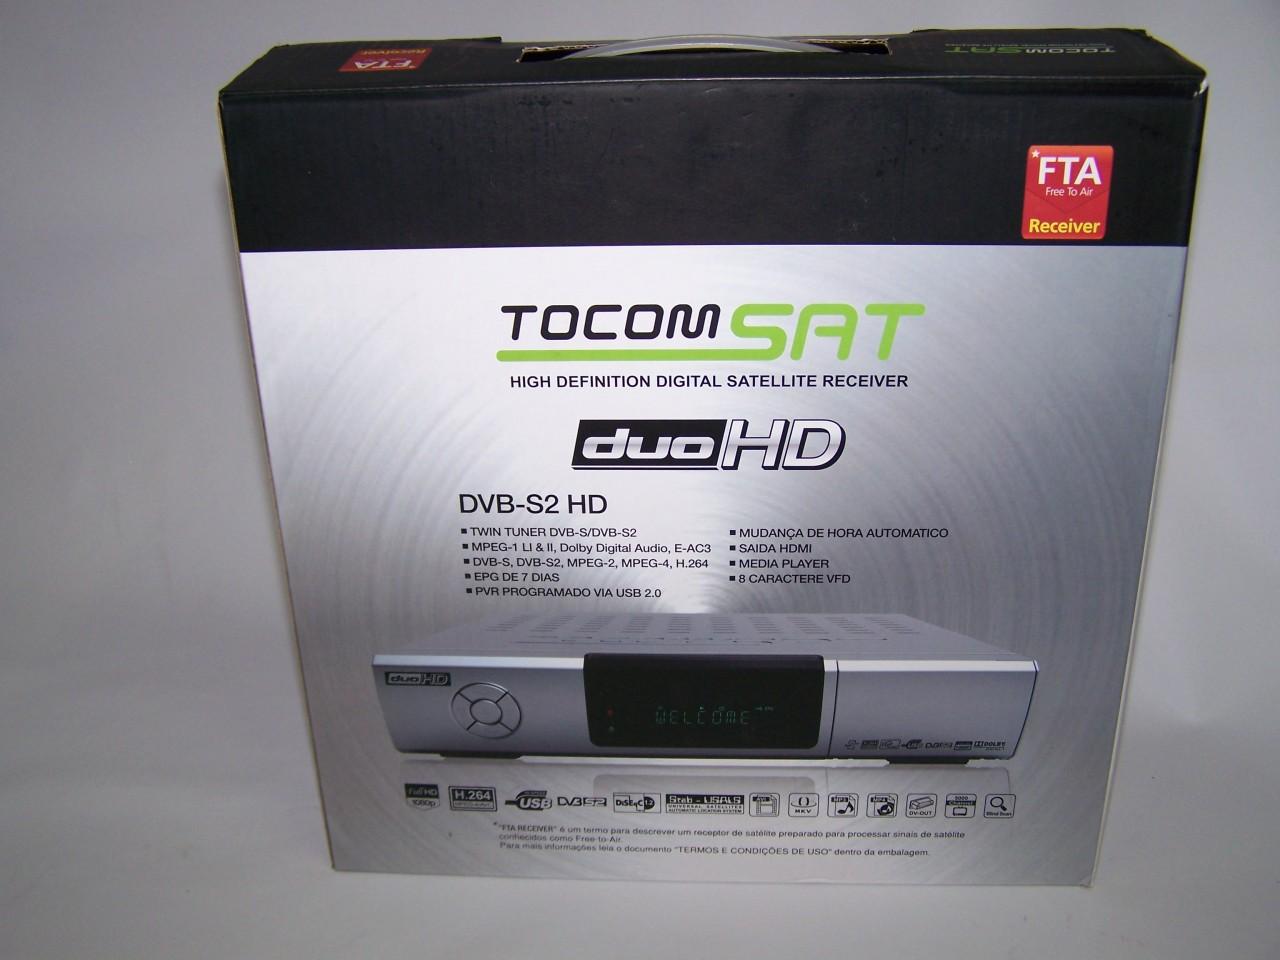 Listado de Actualizaciones para Tocomsat 06 Junio 2013